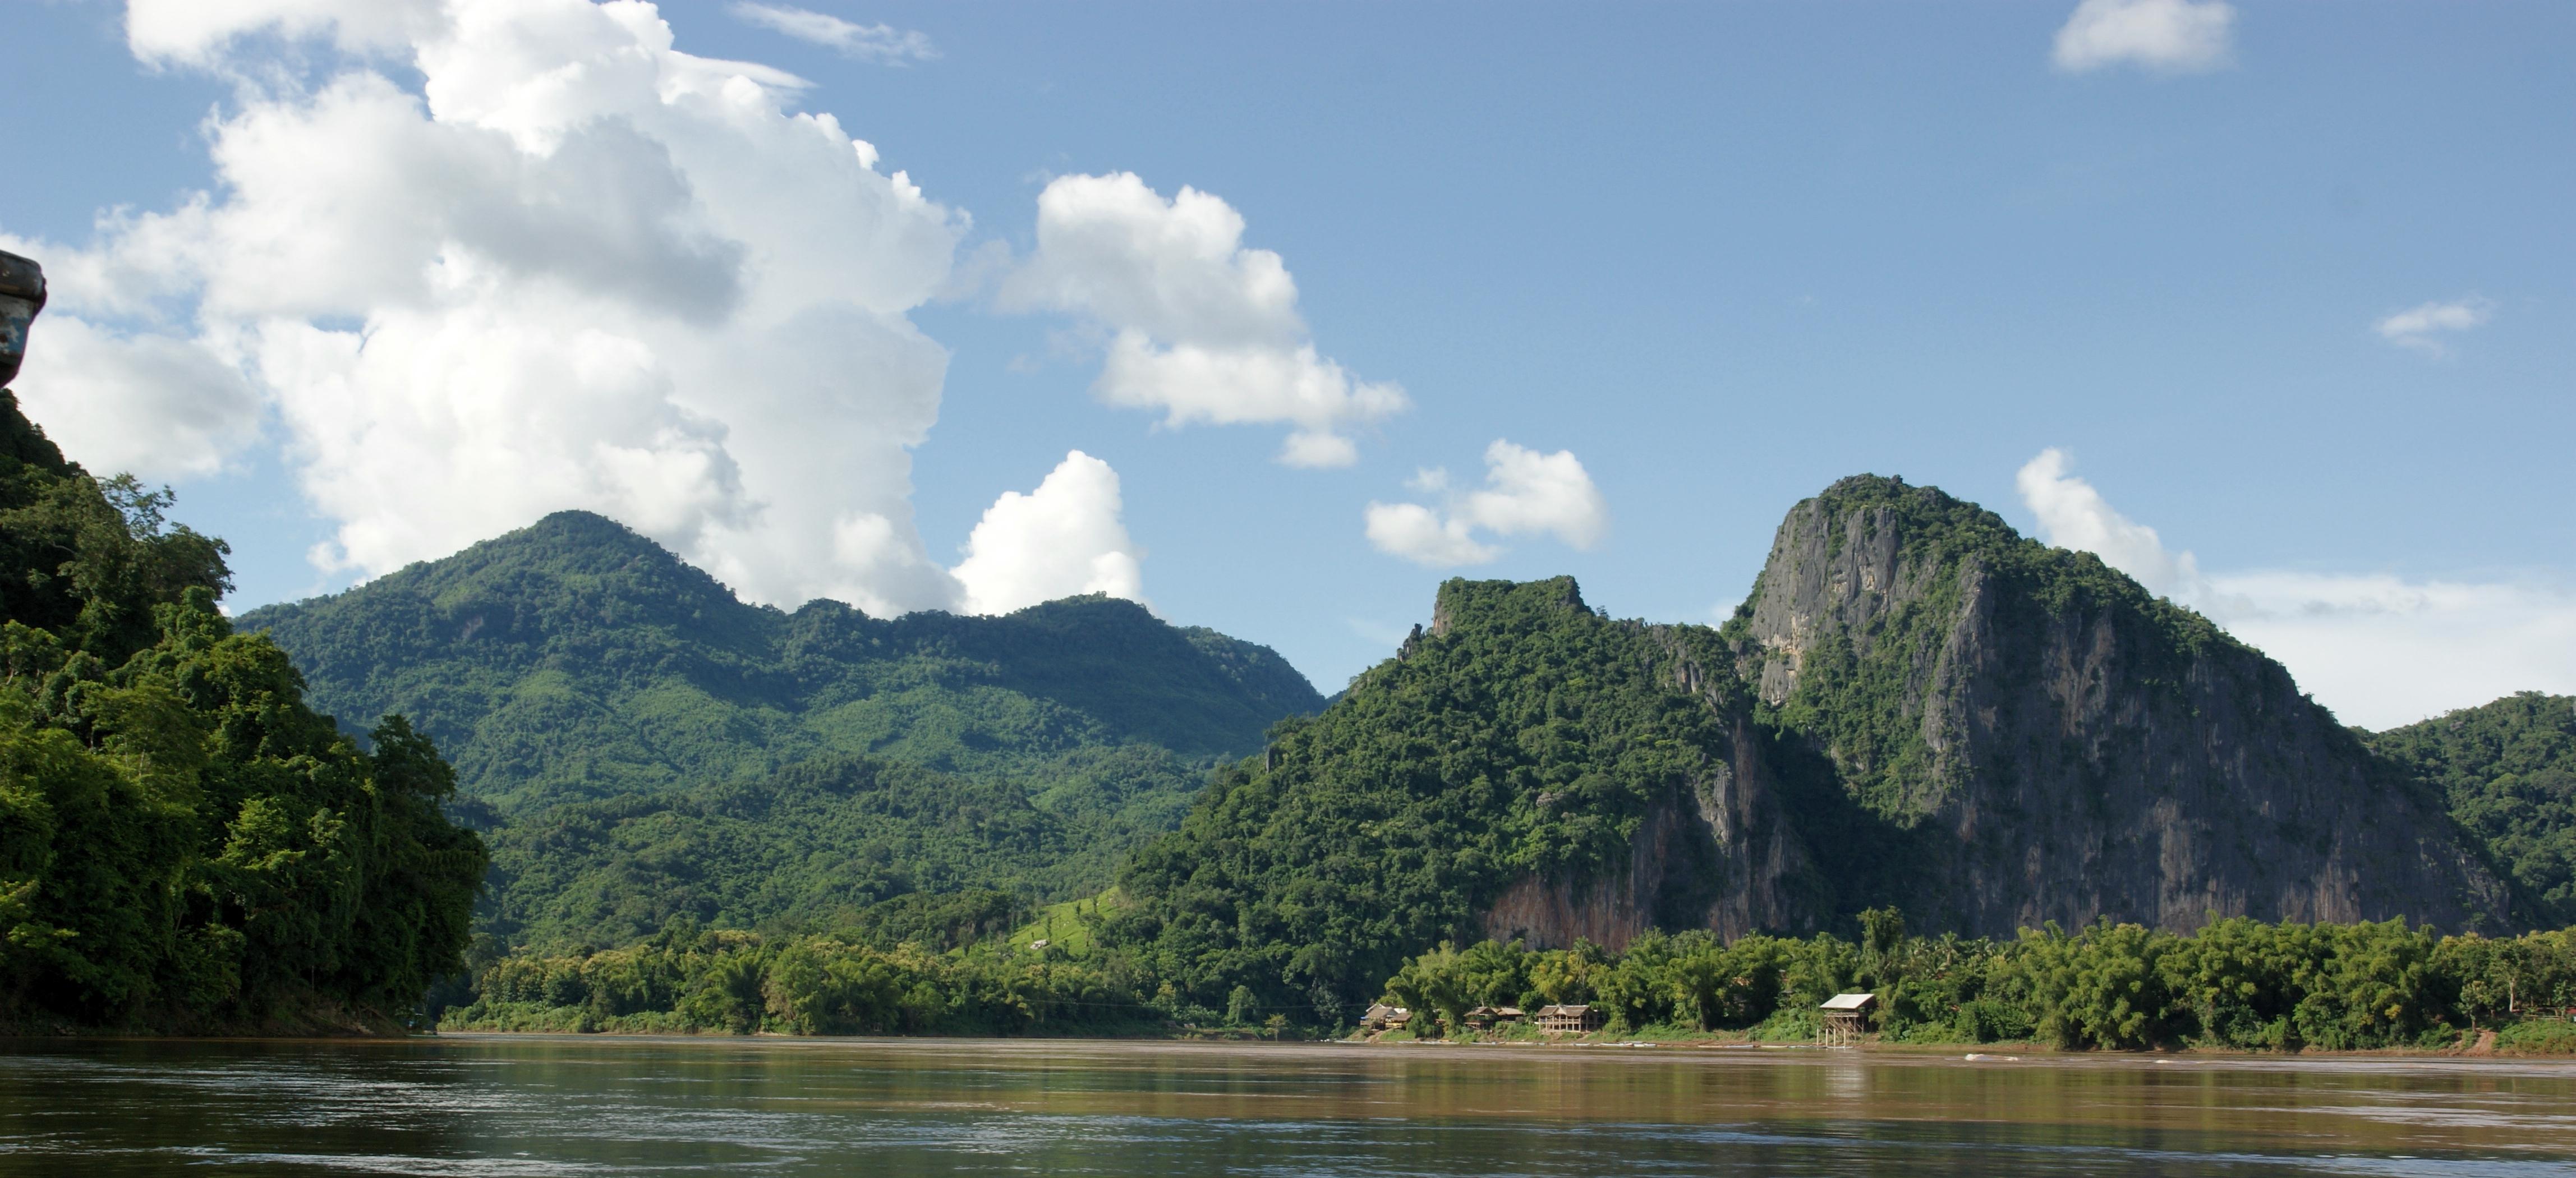 File:Mekong River Luang Prabang.jpg  Wikipedia